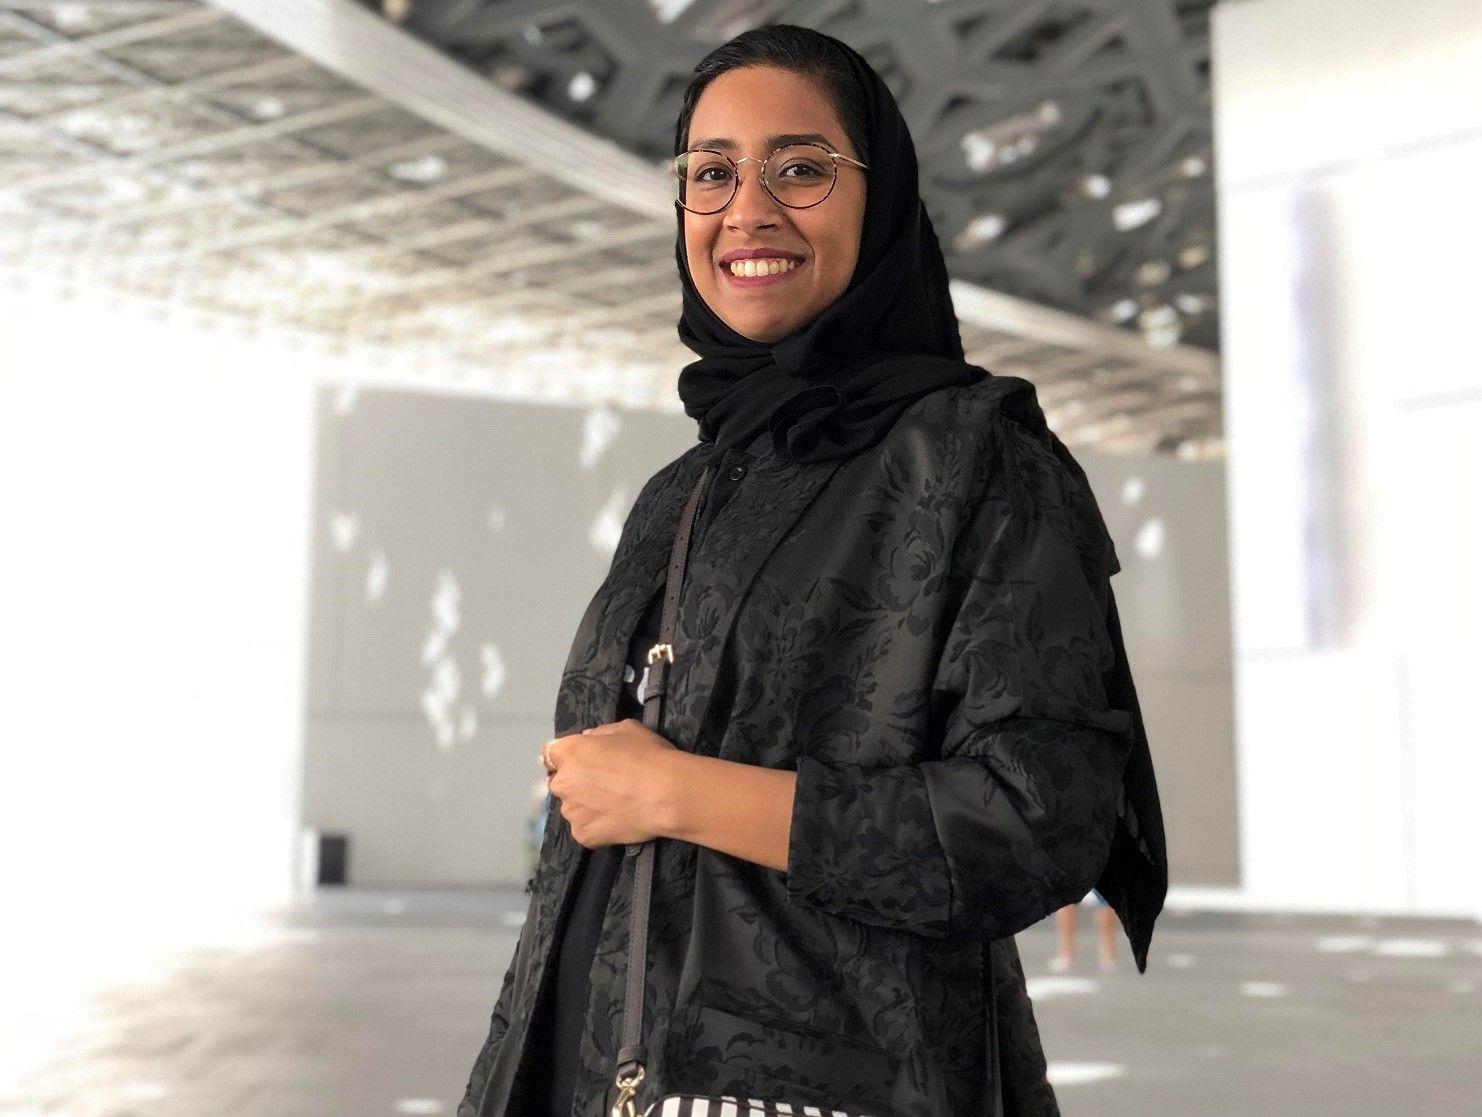 سيدة الأعمال السعودية هذه تريد اتاحة المزيد من الكتب الصوتية العربية في المنطقة